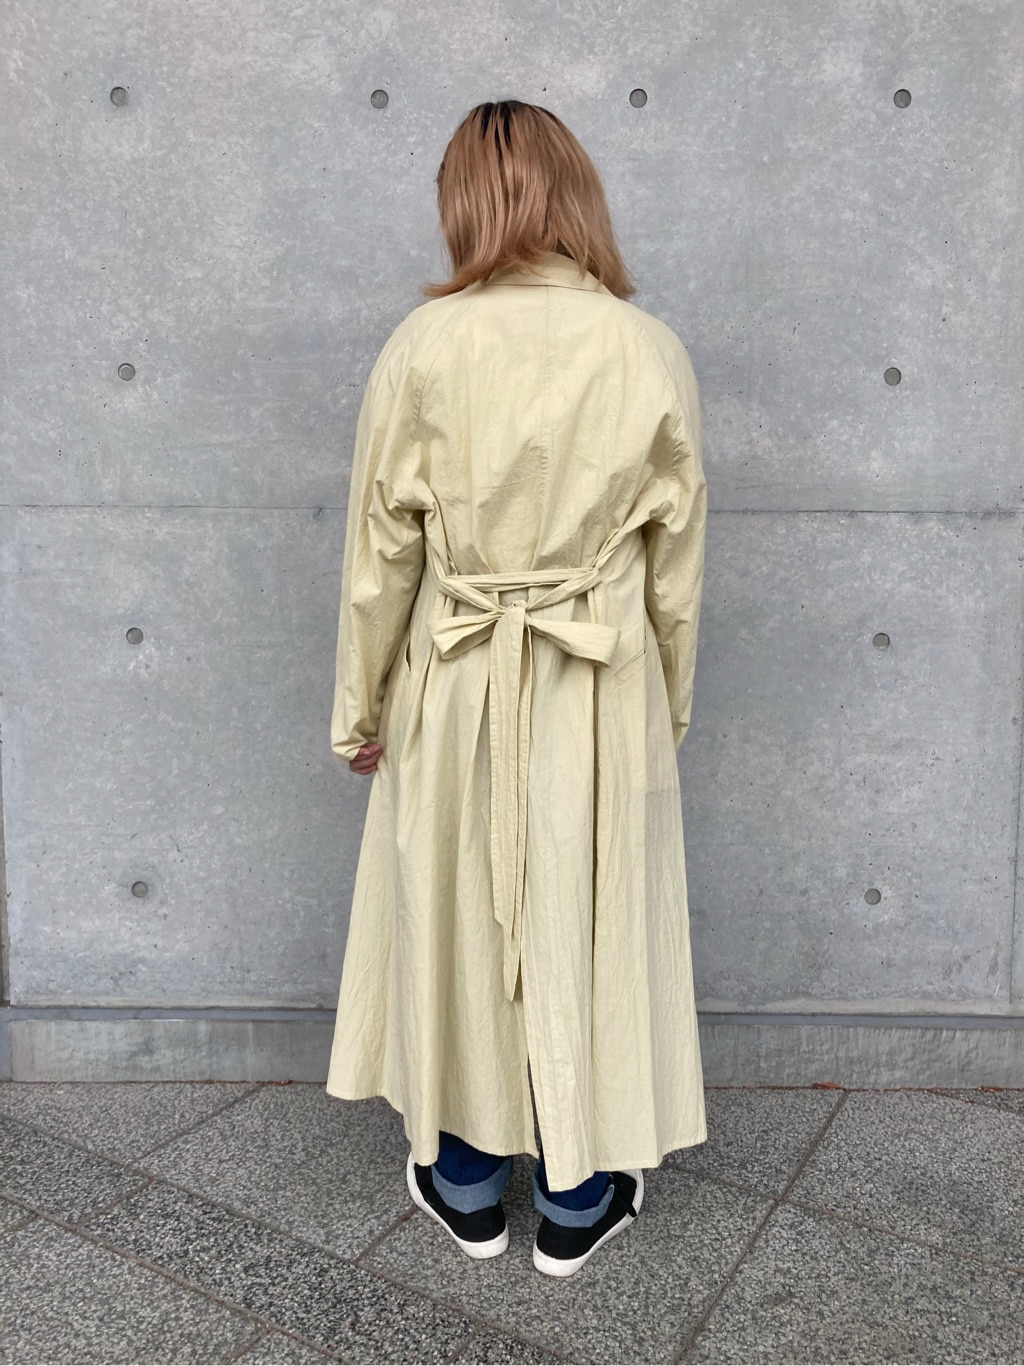 l'atelier du savon 東京スカイツリータウン・ソラマチ 身長:154cm 2021.02.08